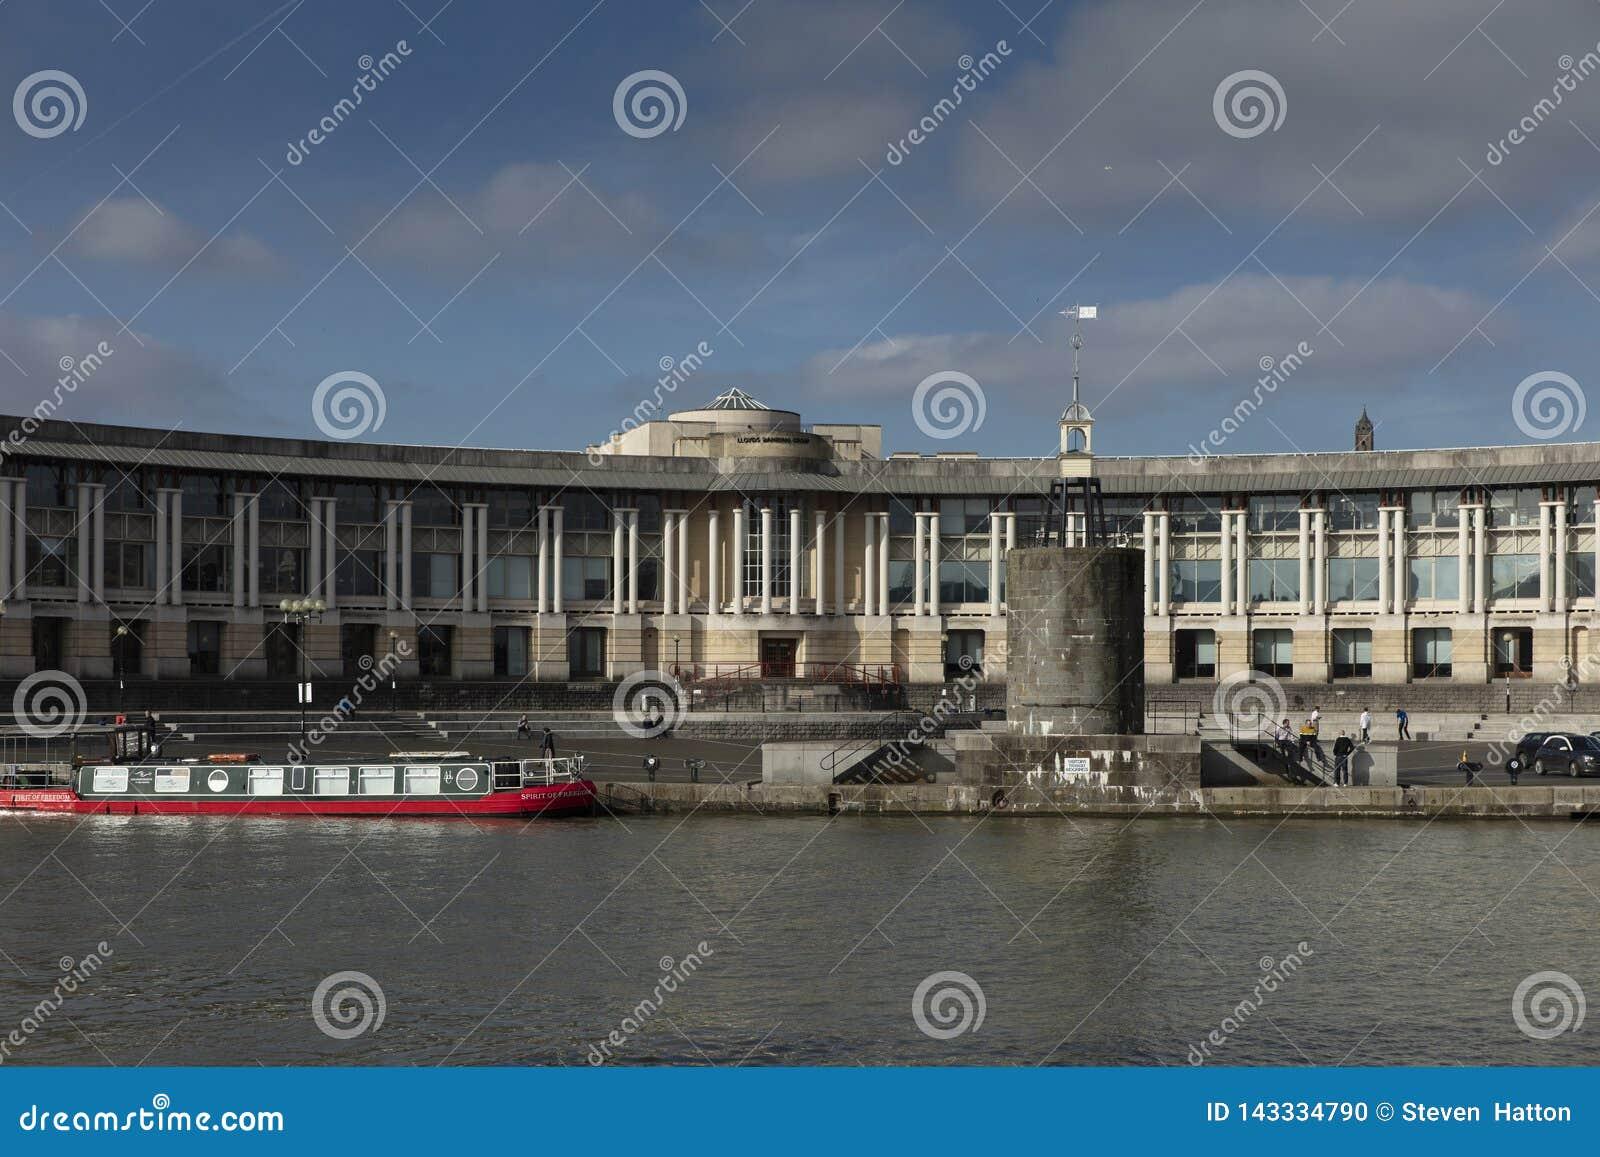 Μπρίστολ, Ηνωμένο Βασίλειο, στις 21 Φεβρουαρίου 2019, έδρα τράπεζας Lloyds που ενσωματώνει το κεντρικό Μπρίστολ